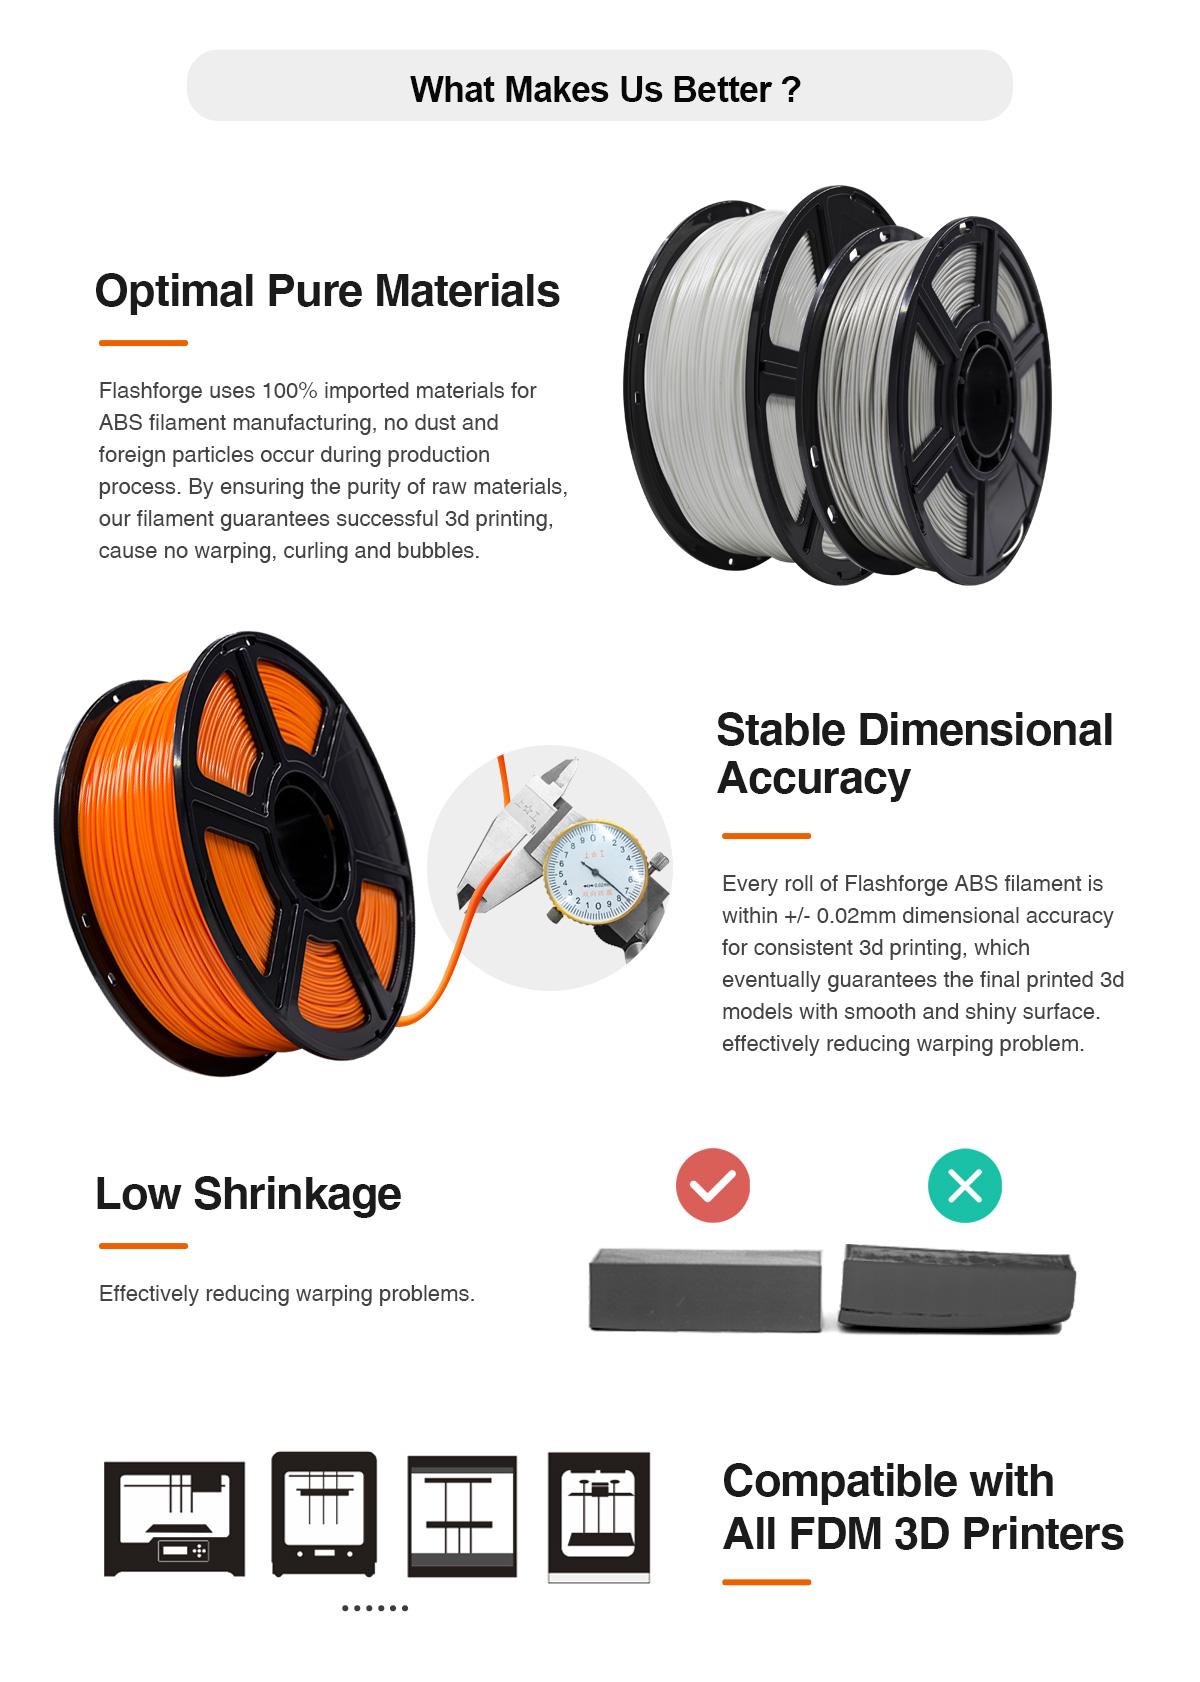 Why Flashforge ABS 3D Printing Filament? | Flashforgeshop